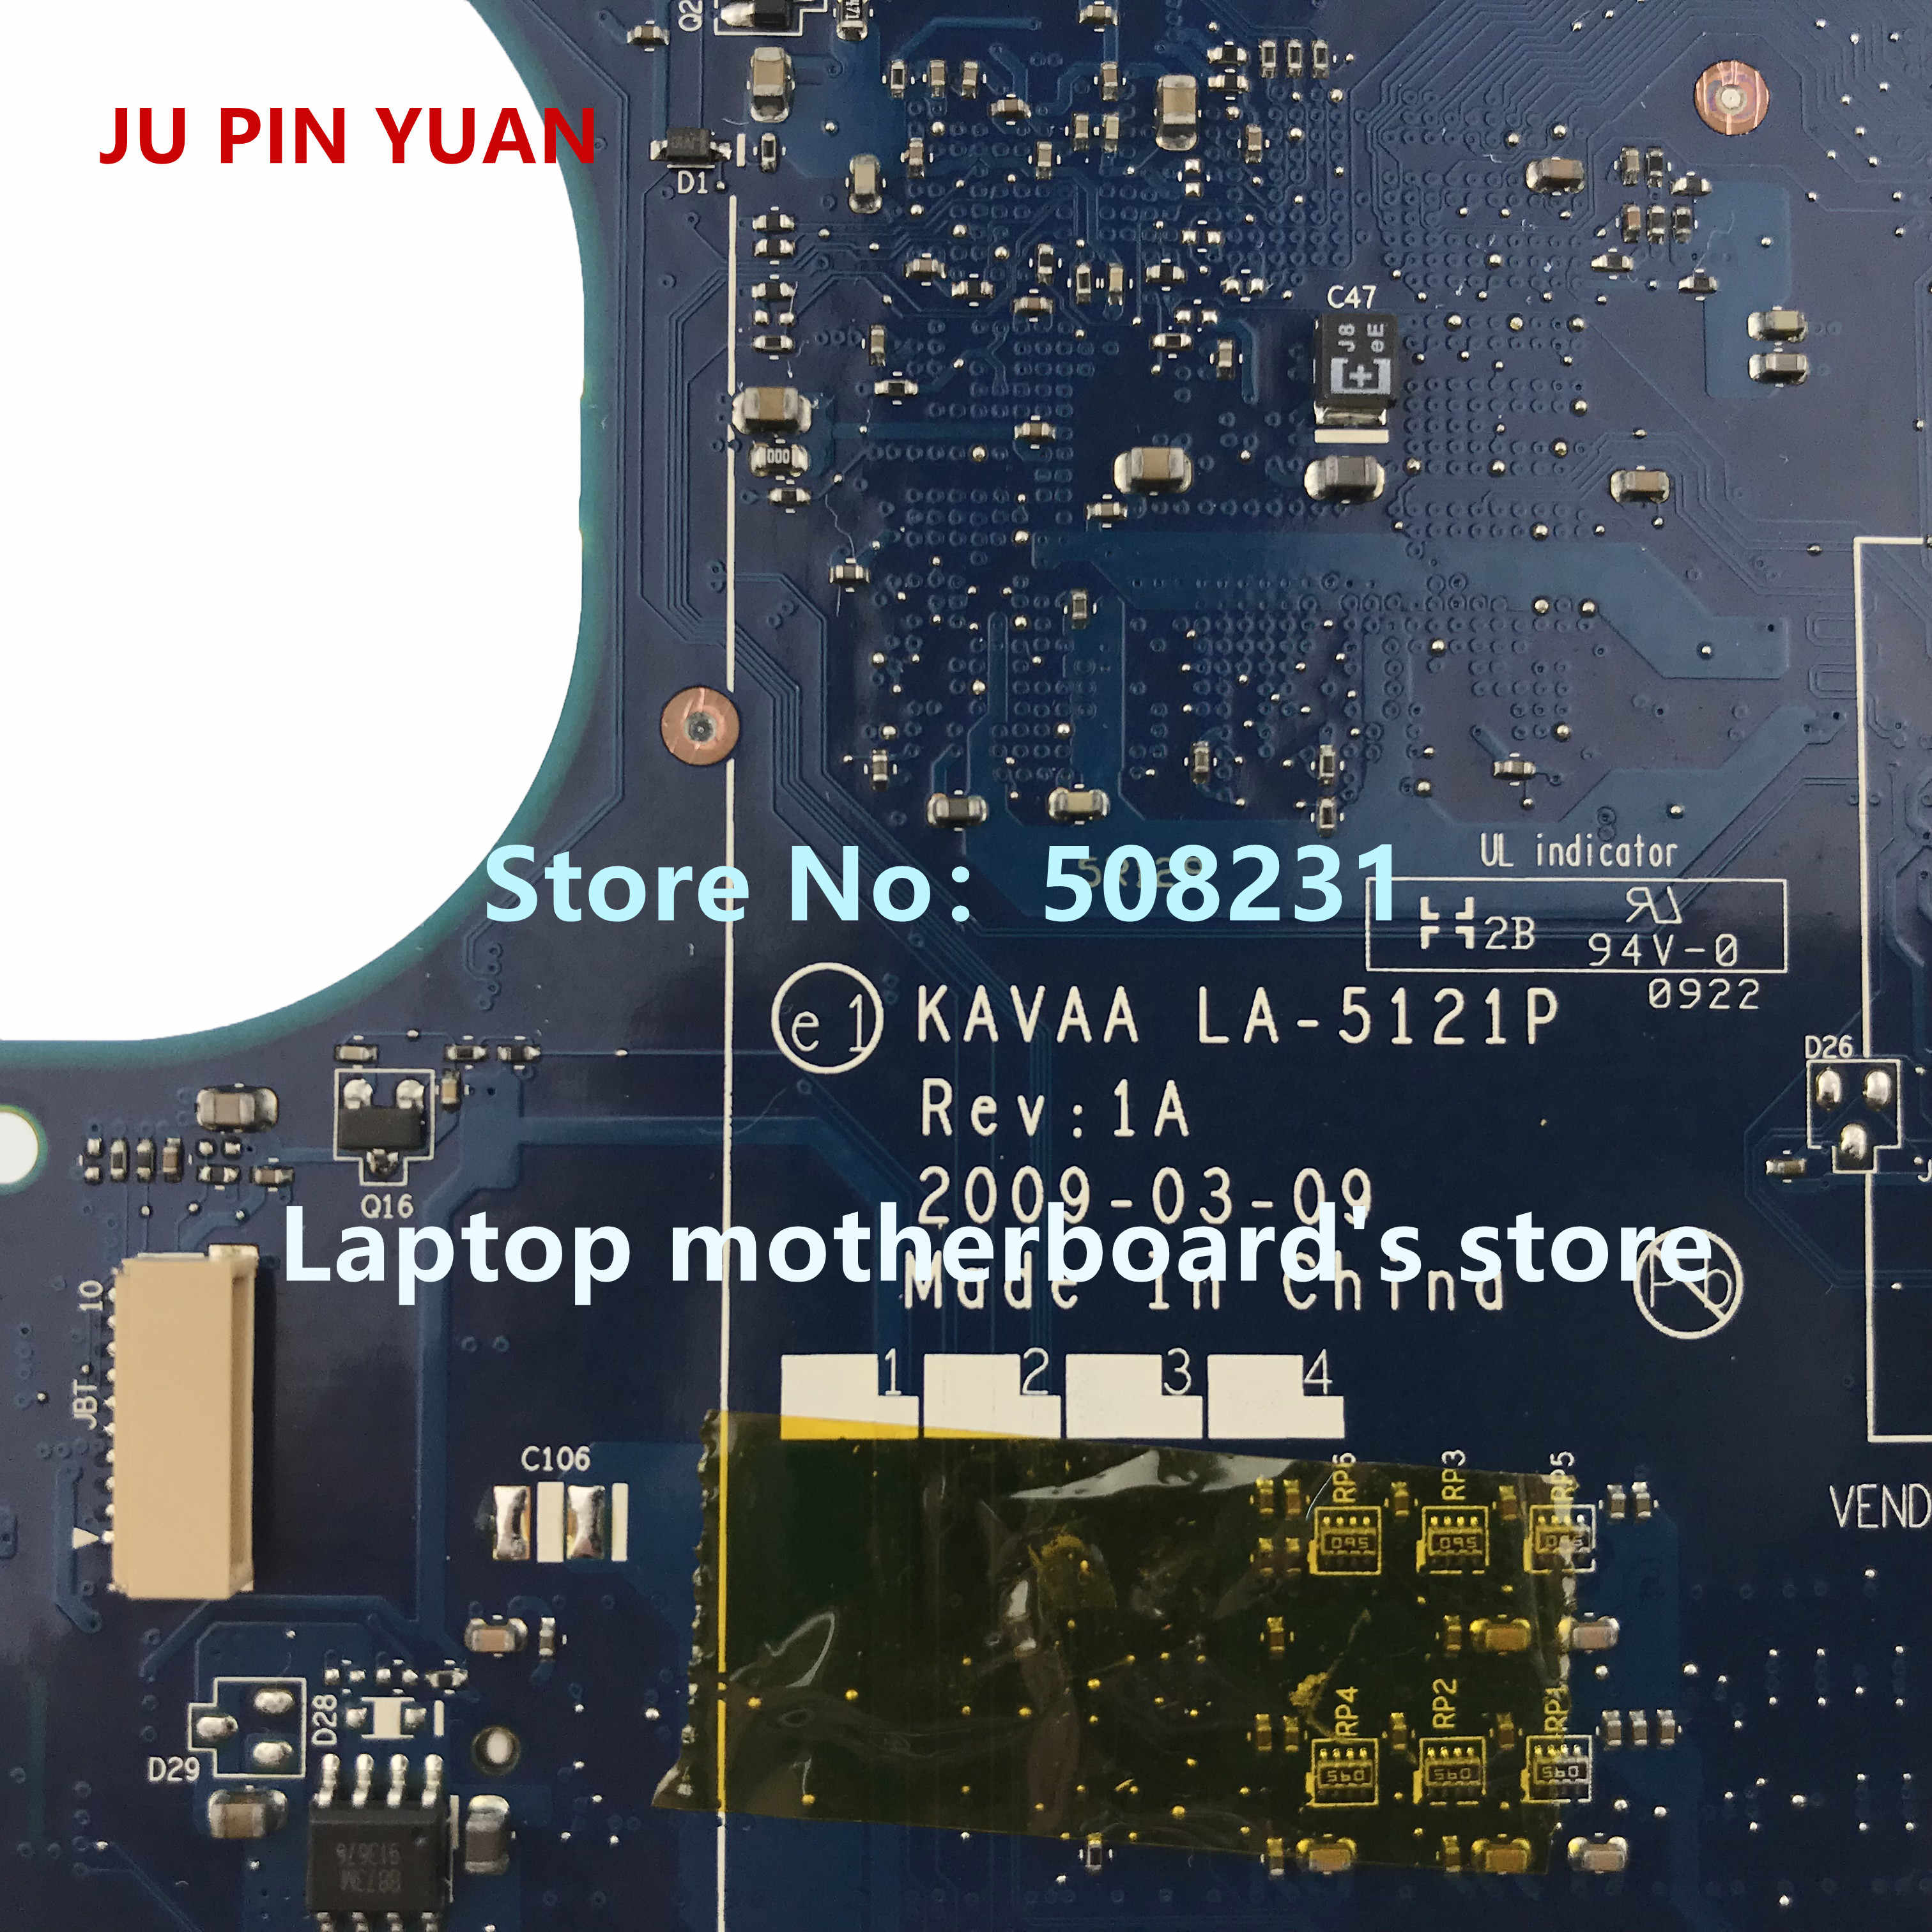 ג 'ו סיכה יואן עבור Toshiba מיני NB205 NB200 מחשב נייד האם K000078610 KAVAA LA-5121P עם N280 כל פונקציות נבדק באופן מלא